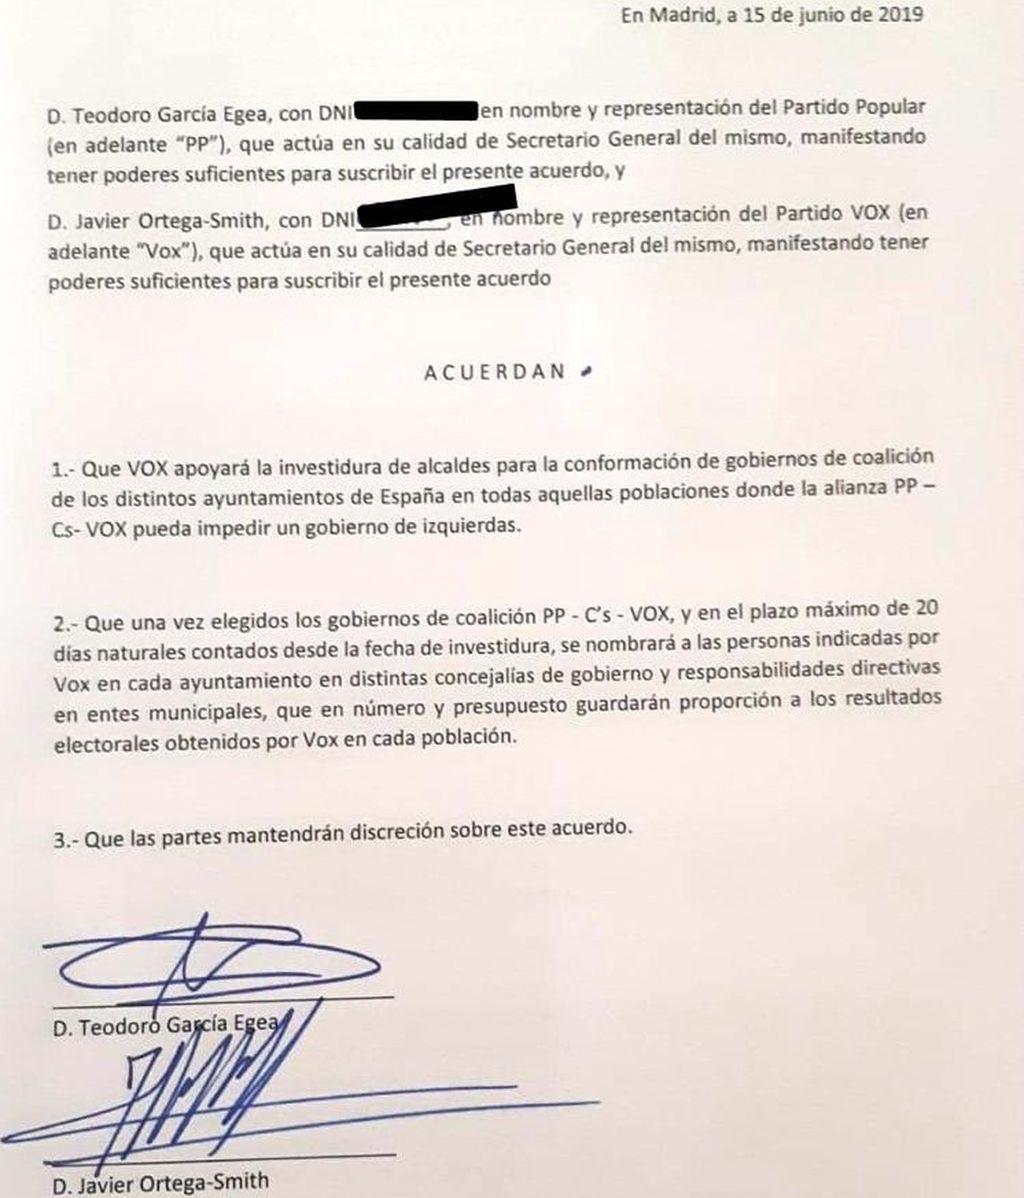 Vox hace público el acuerdo secreto con el PP y en el que sí había concejalías de gobierno